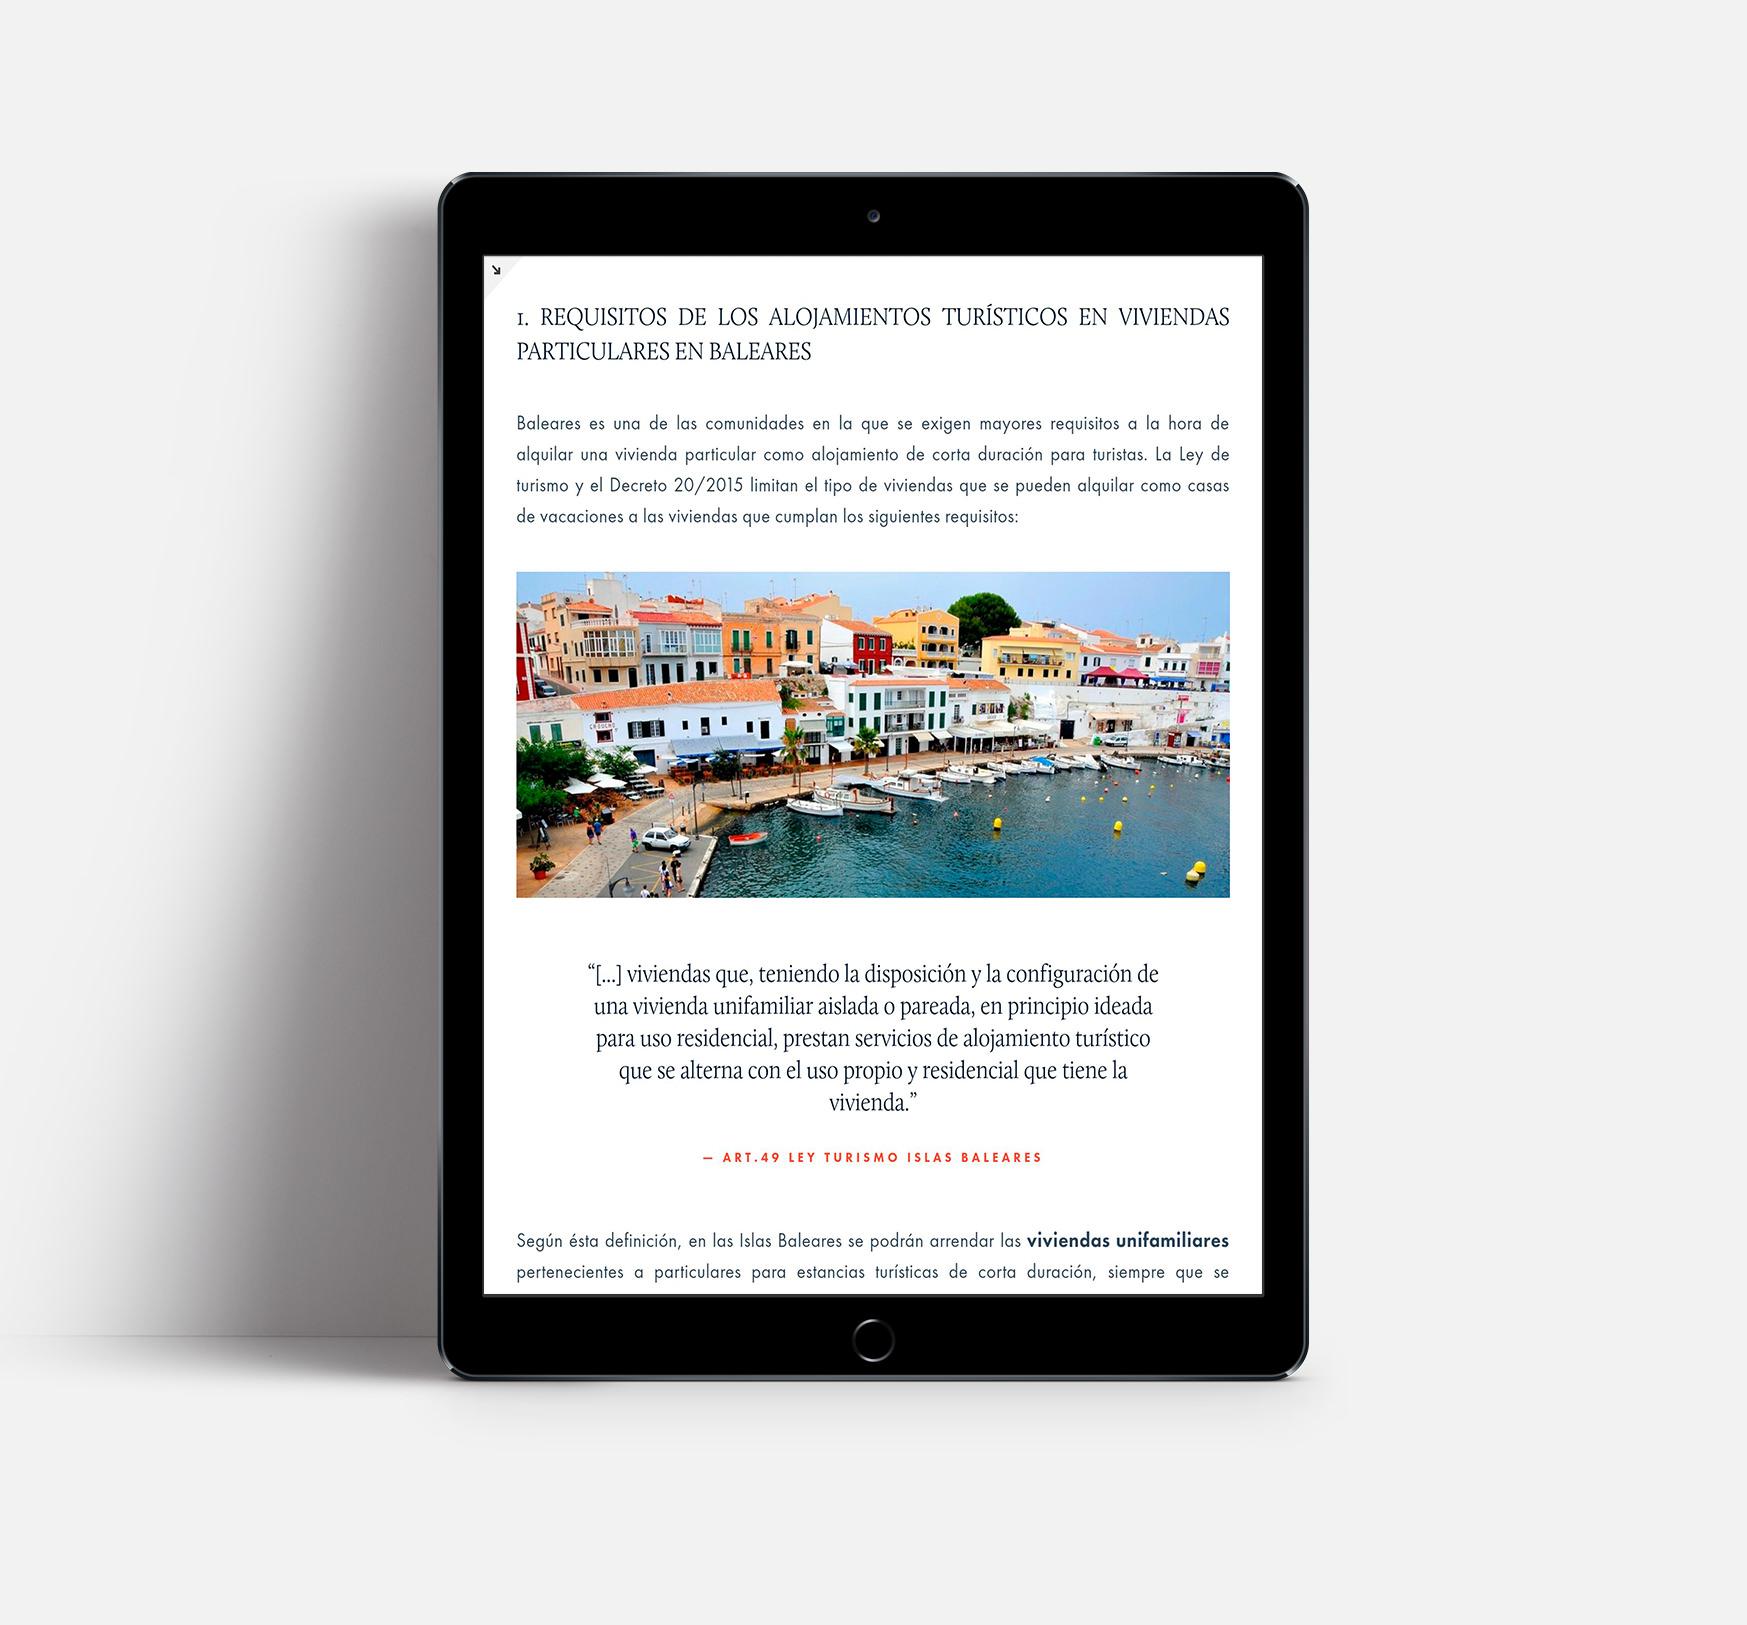 artículo sobre arrendamiento vacacional en Baleares